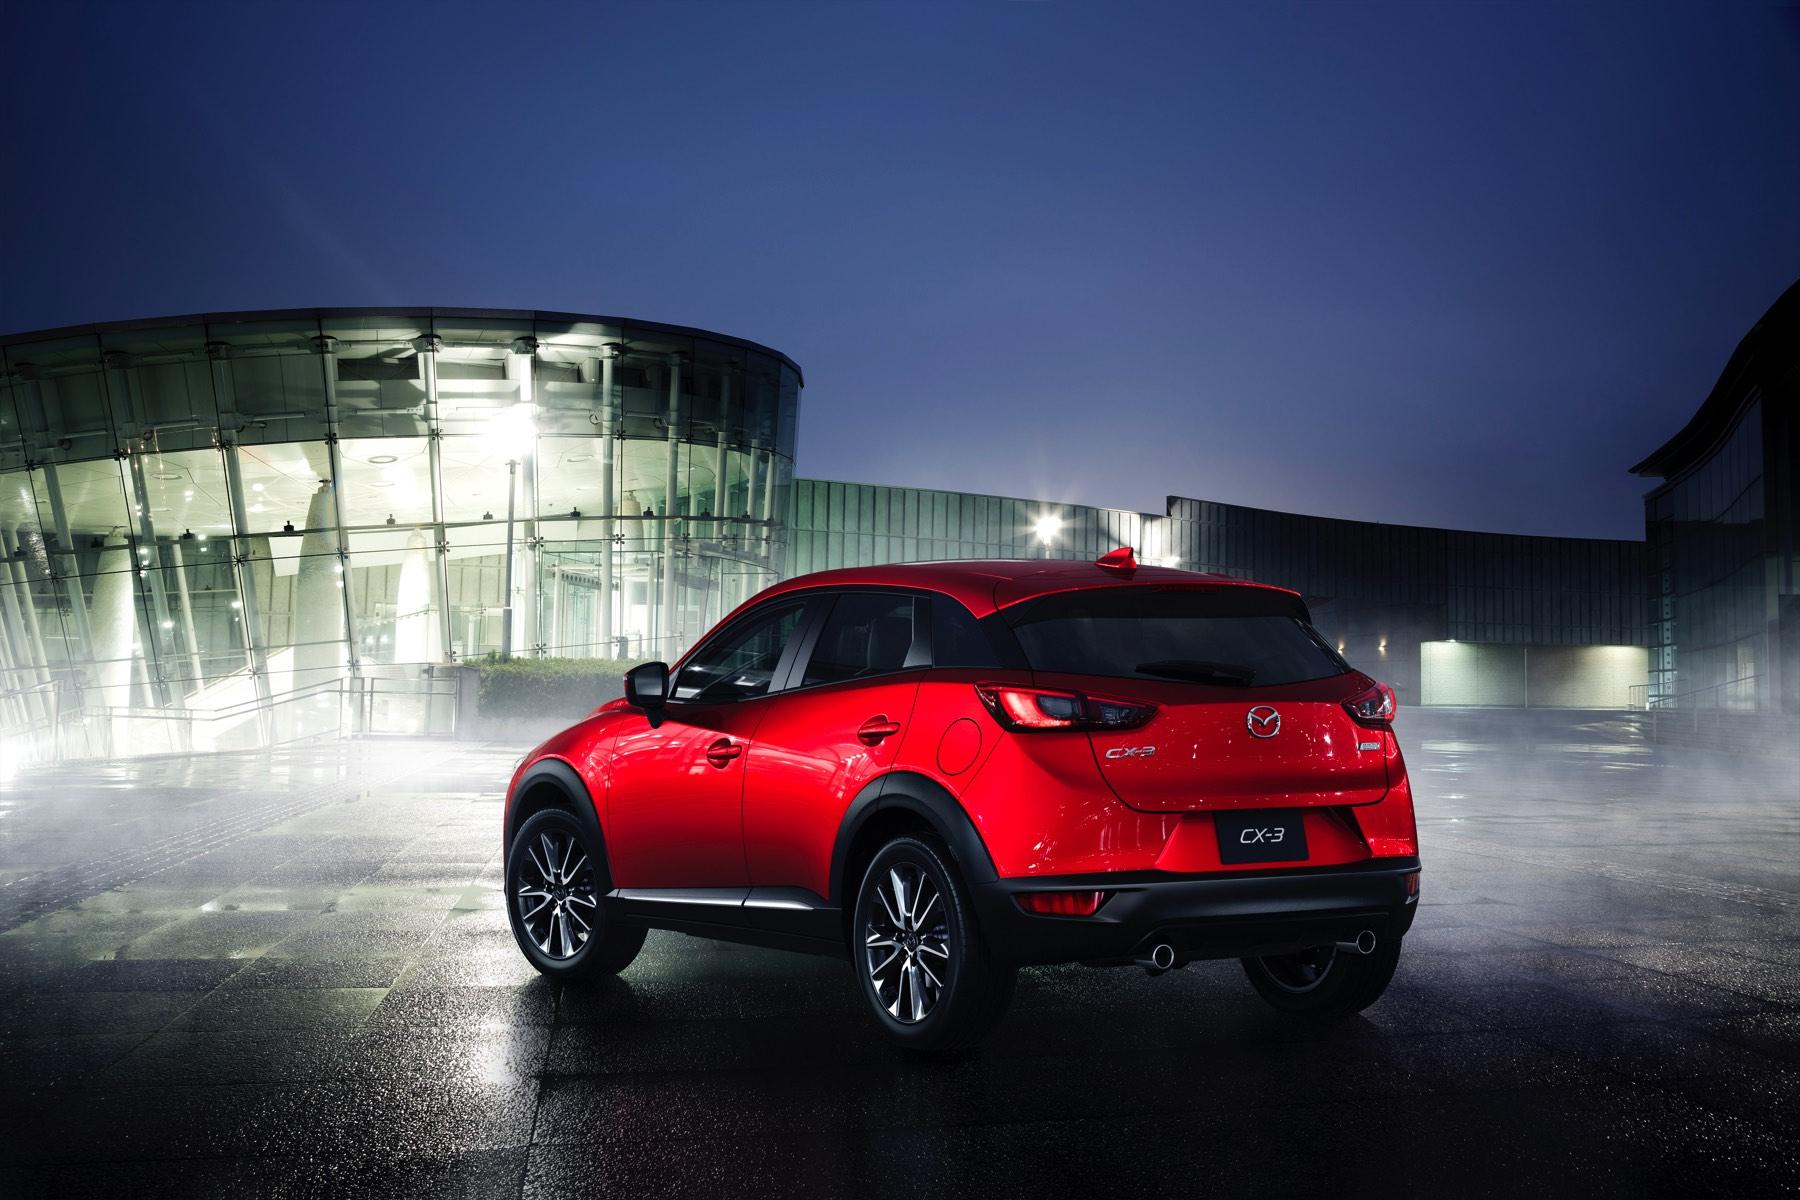 2016-Mazda-CX-3-006